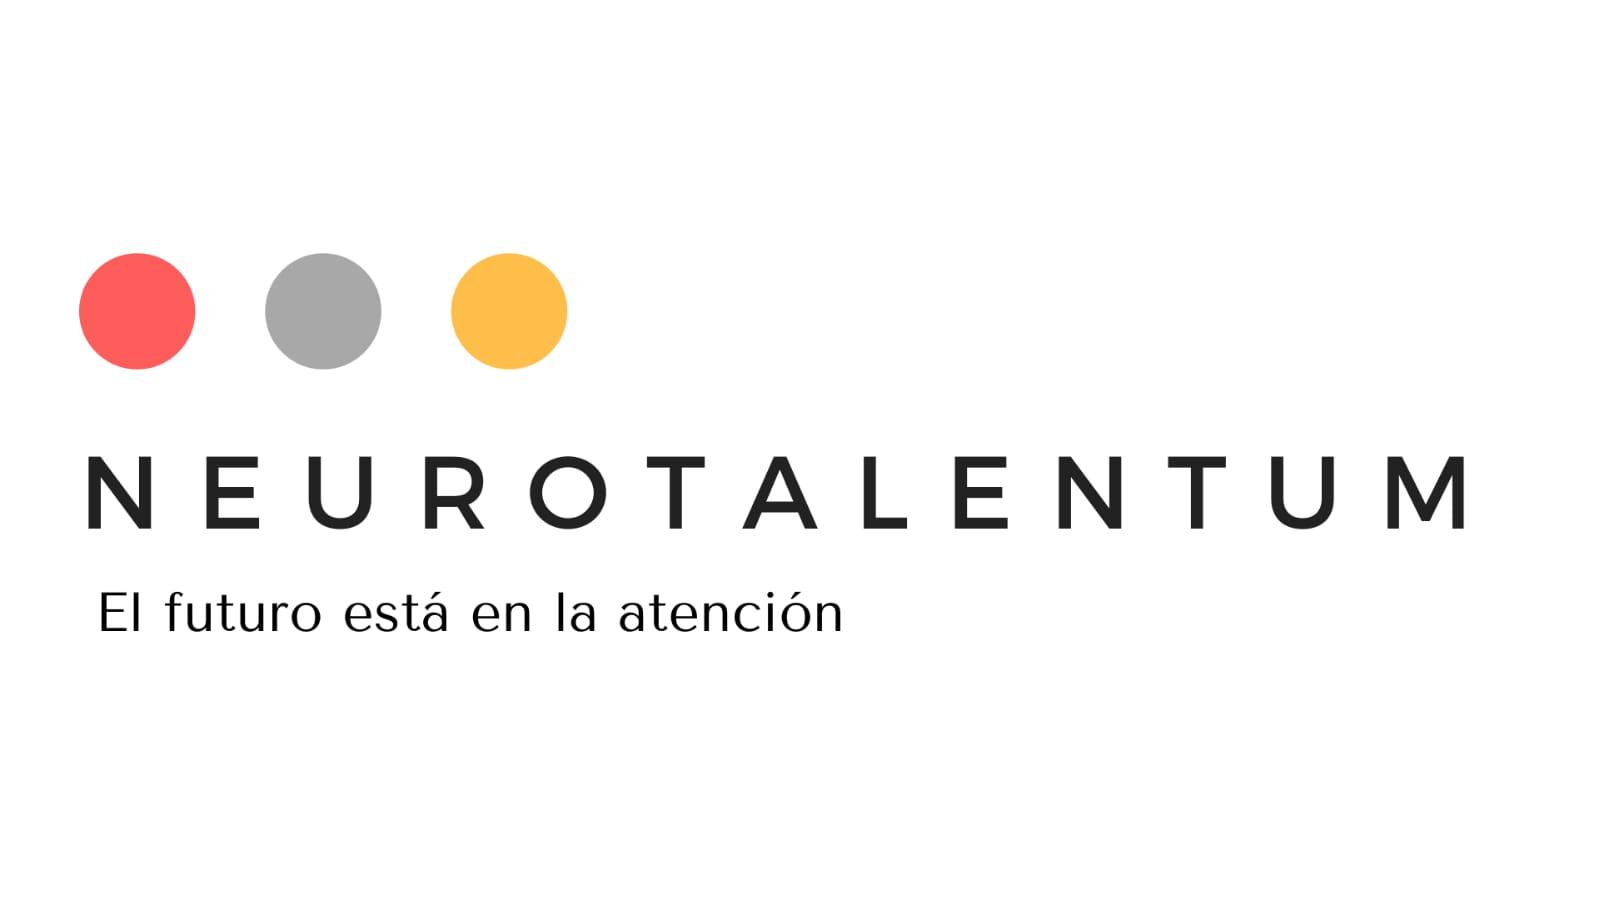 SESIONES DE FORMACIÓN GRATUITA PARA AFILIADOS FSIE MADRID CON NEUROTALENTUM